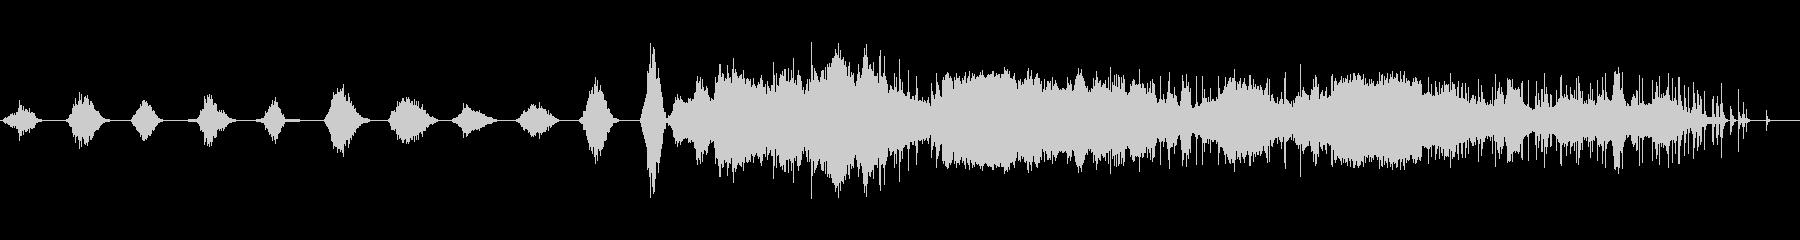 スモールスタジオオーディエンス:1...の未再生の波形